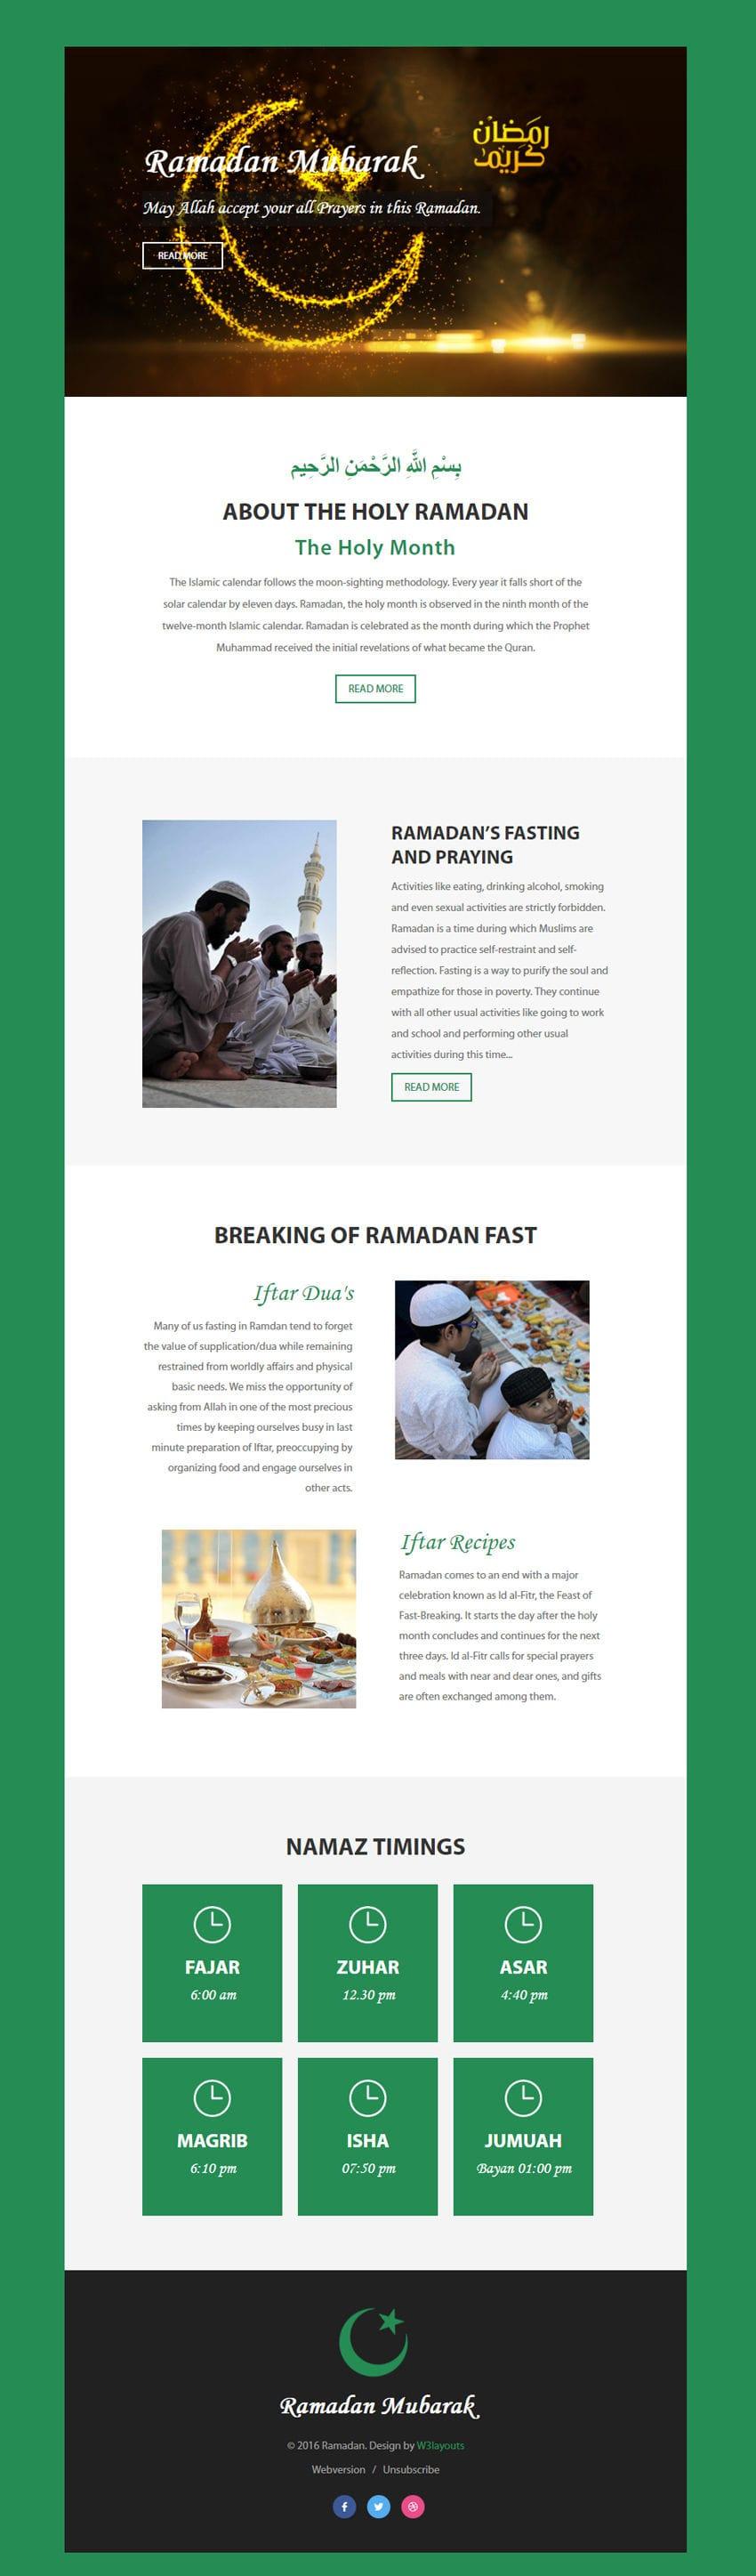 ramadan_full